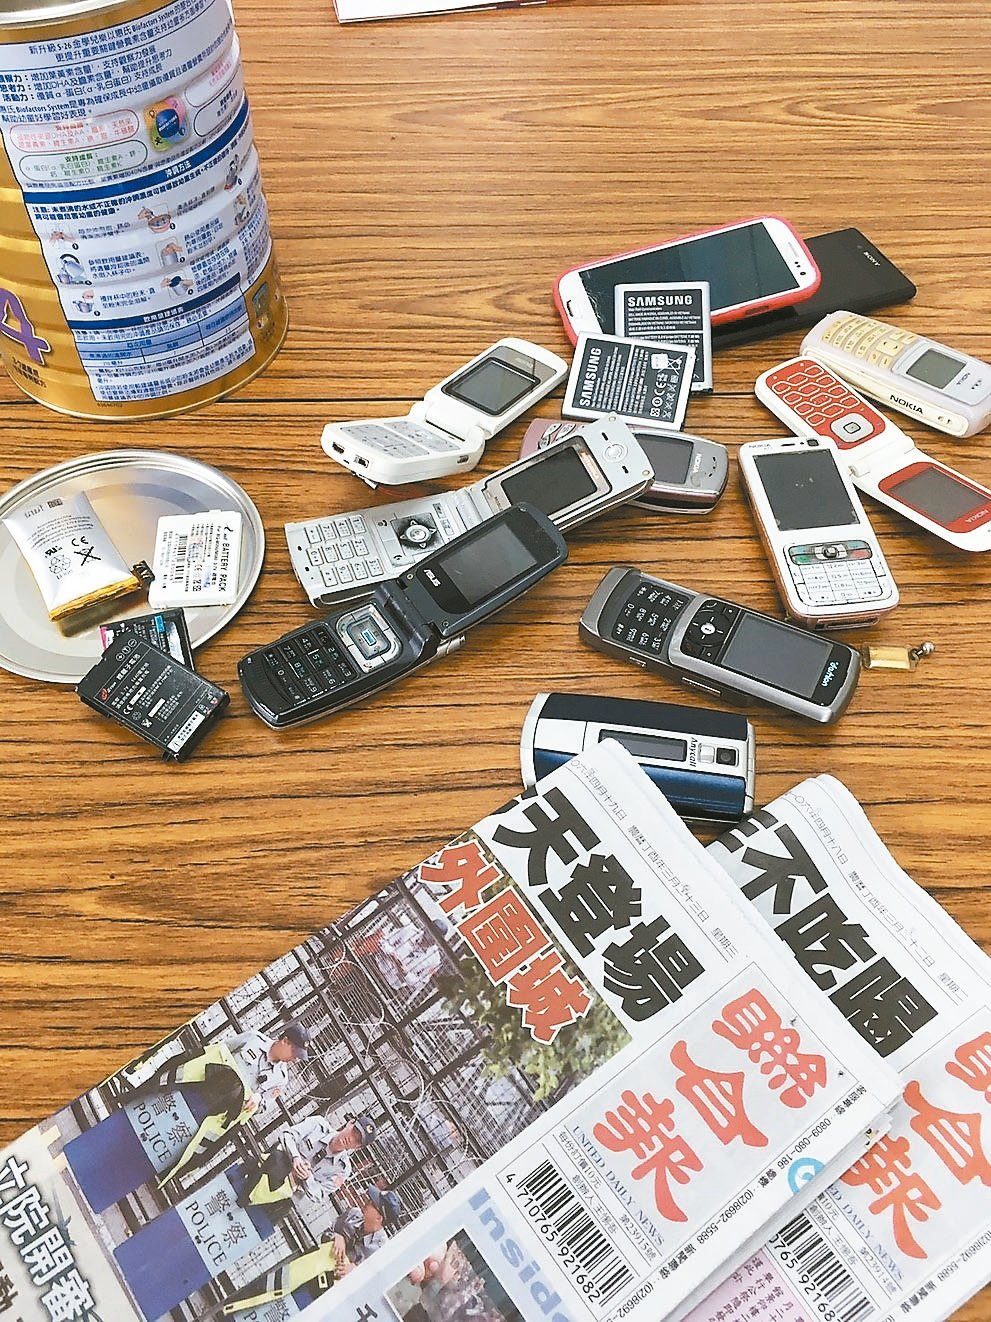 舊手機丟掉太可惜,可以拿來再利用。 資料照片